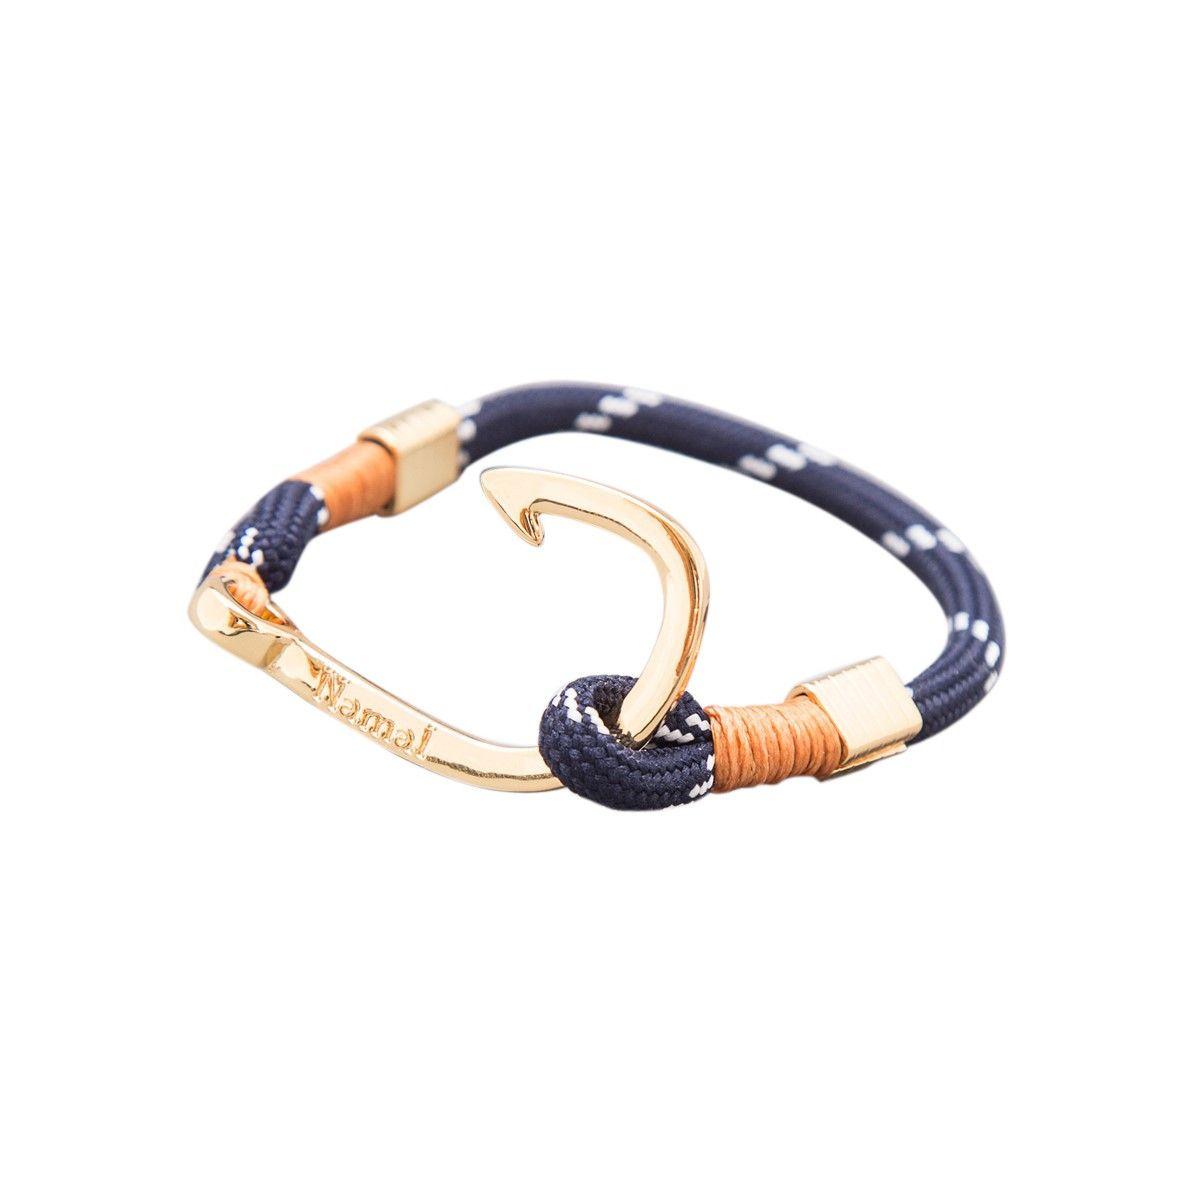 Bracelet Or Jolly Homme Roger Ancre 24k NamalBijoux eD2IYWbEH9